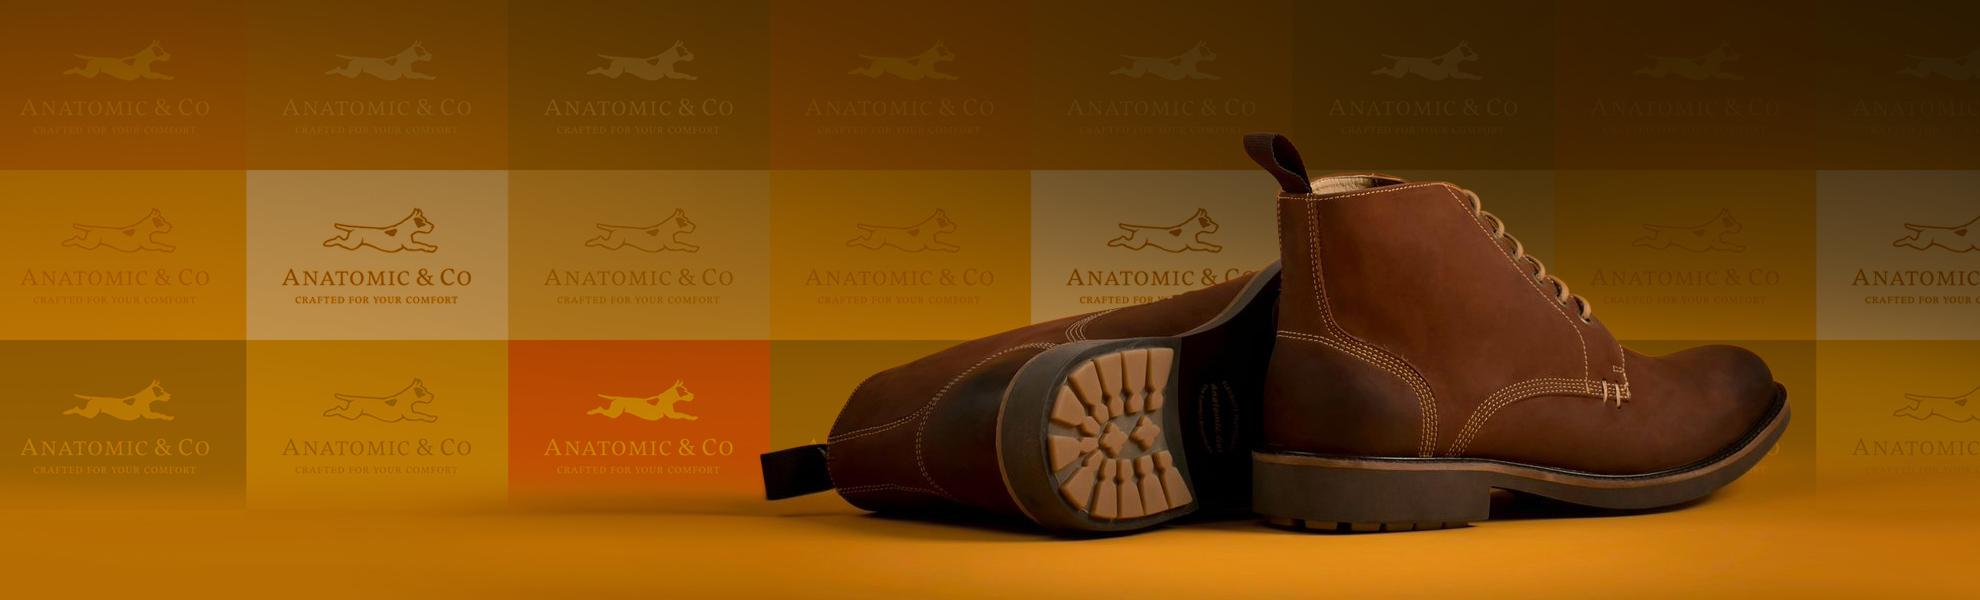 chelles-e-hayashi-design-portfolio-anatomic-e-co-marca-linguagem-identidade-grafico embalagem comunicacao